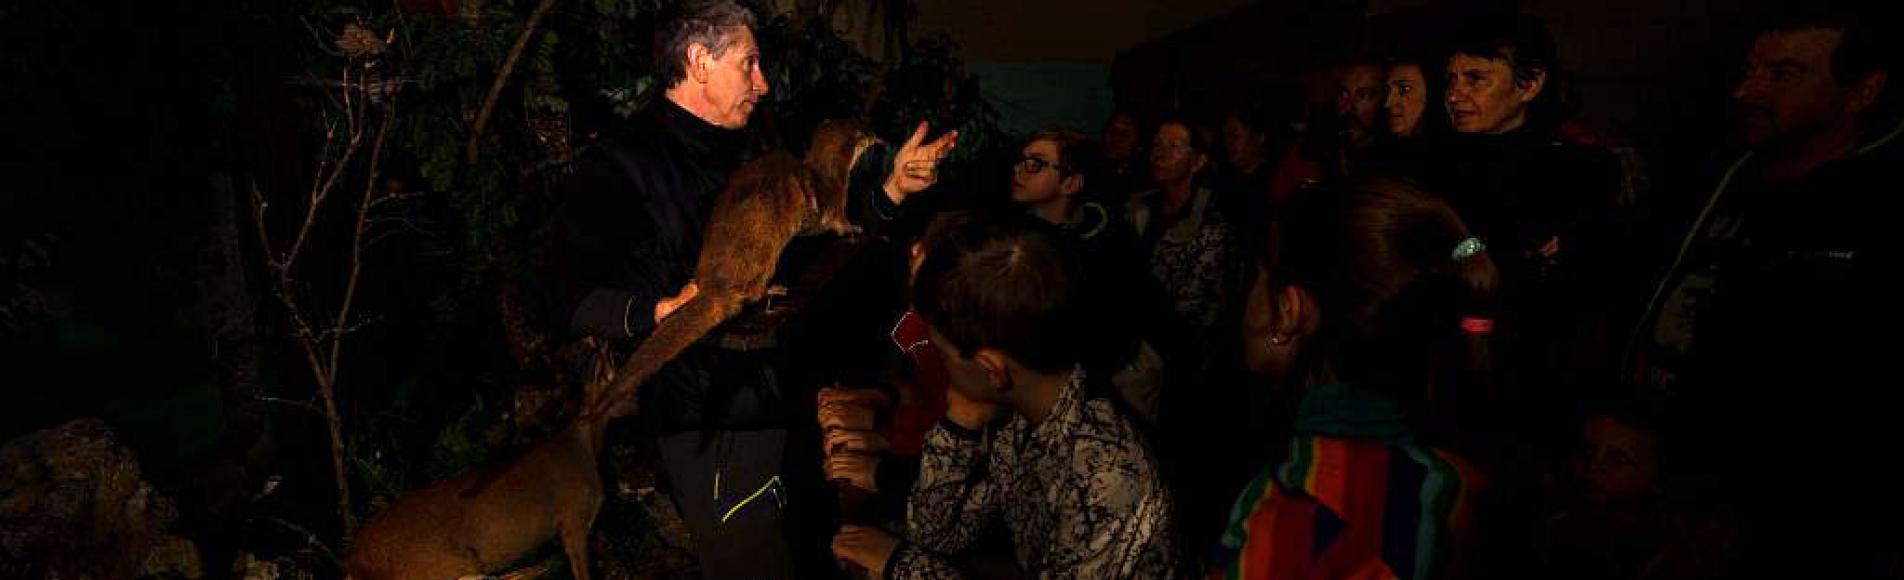 Loutre empaillée - Animation en nocturne par le PNE - Refuge des animaux - Saint-Léger les Mélèzes © T.Maillet - Parc national des Ecrins